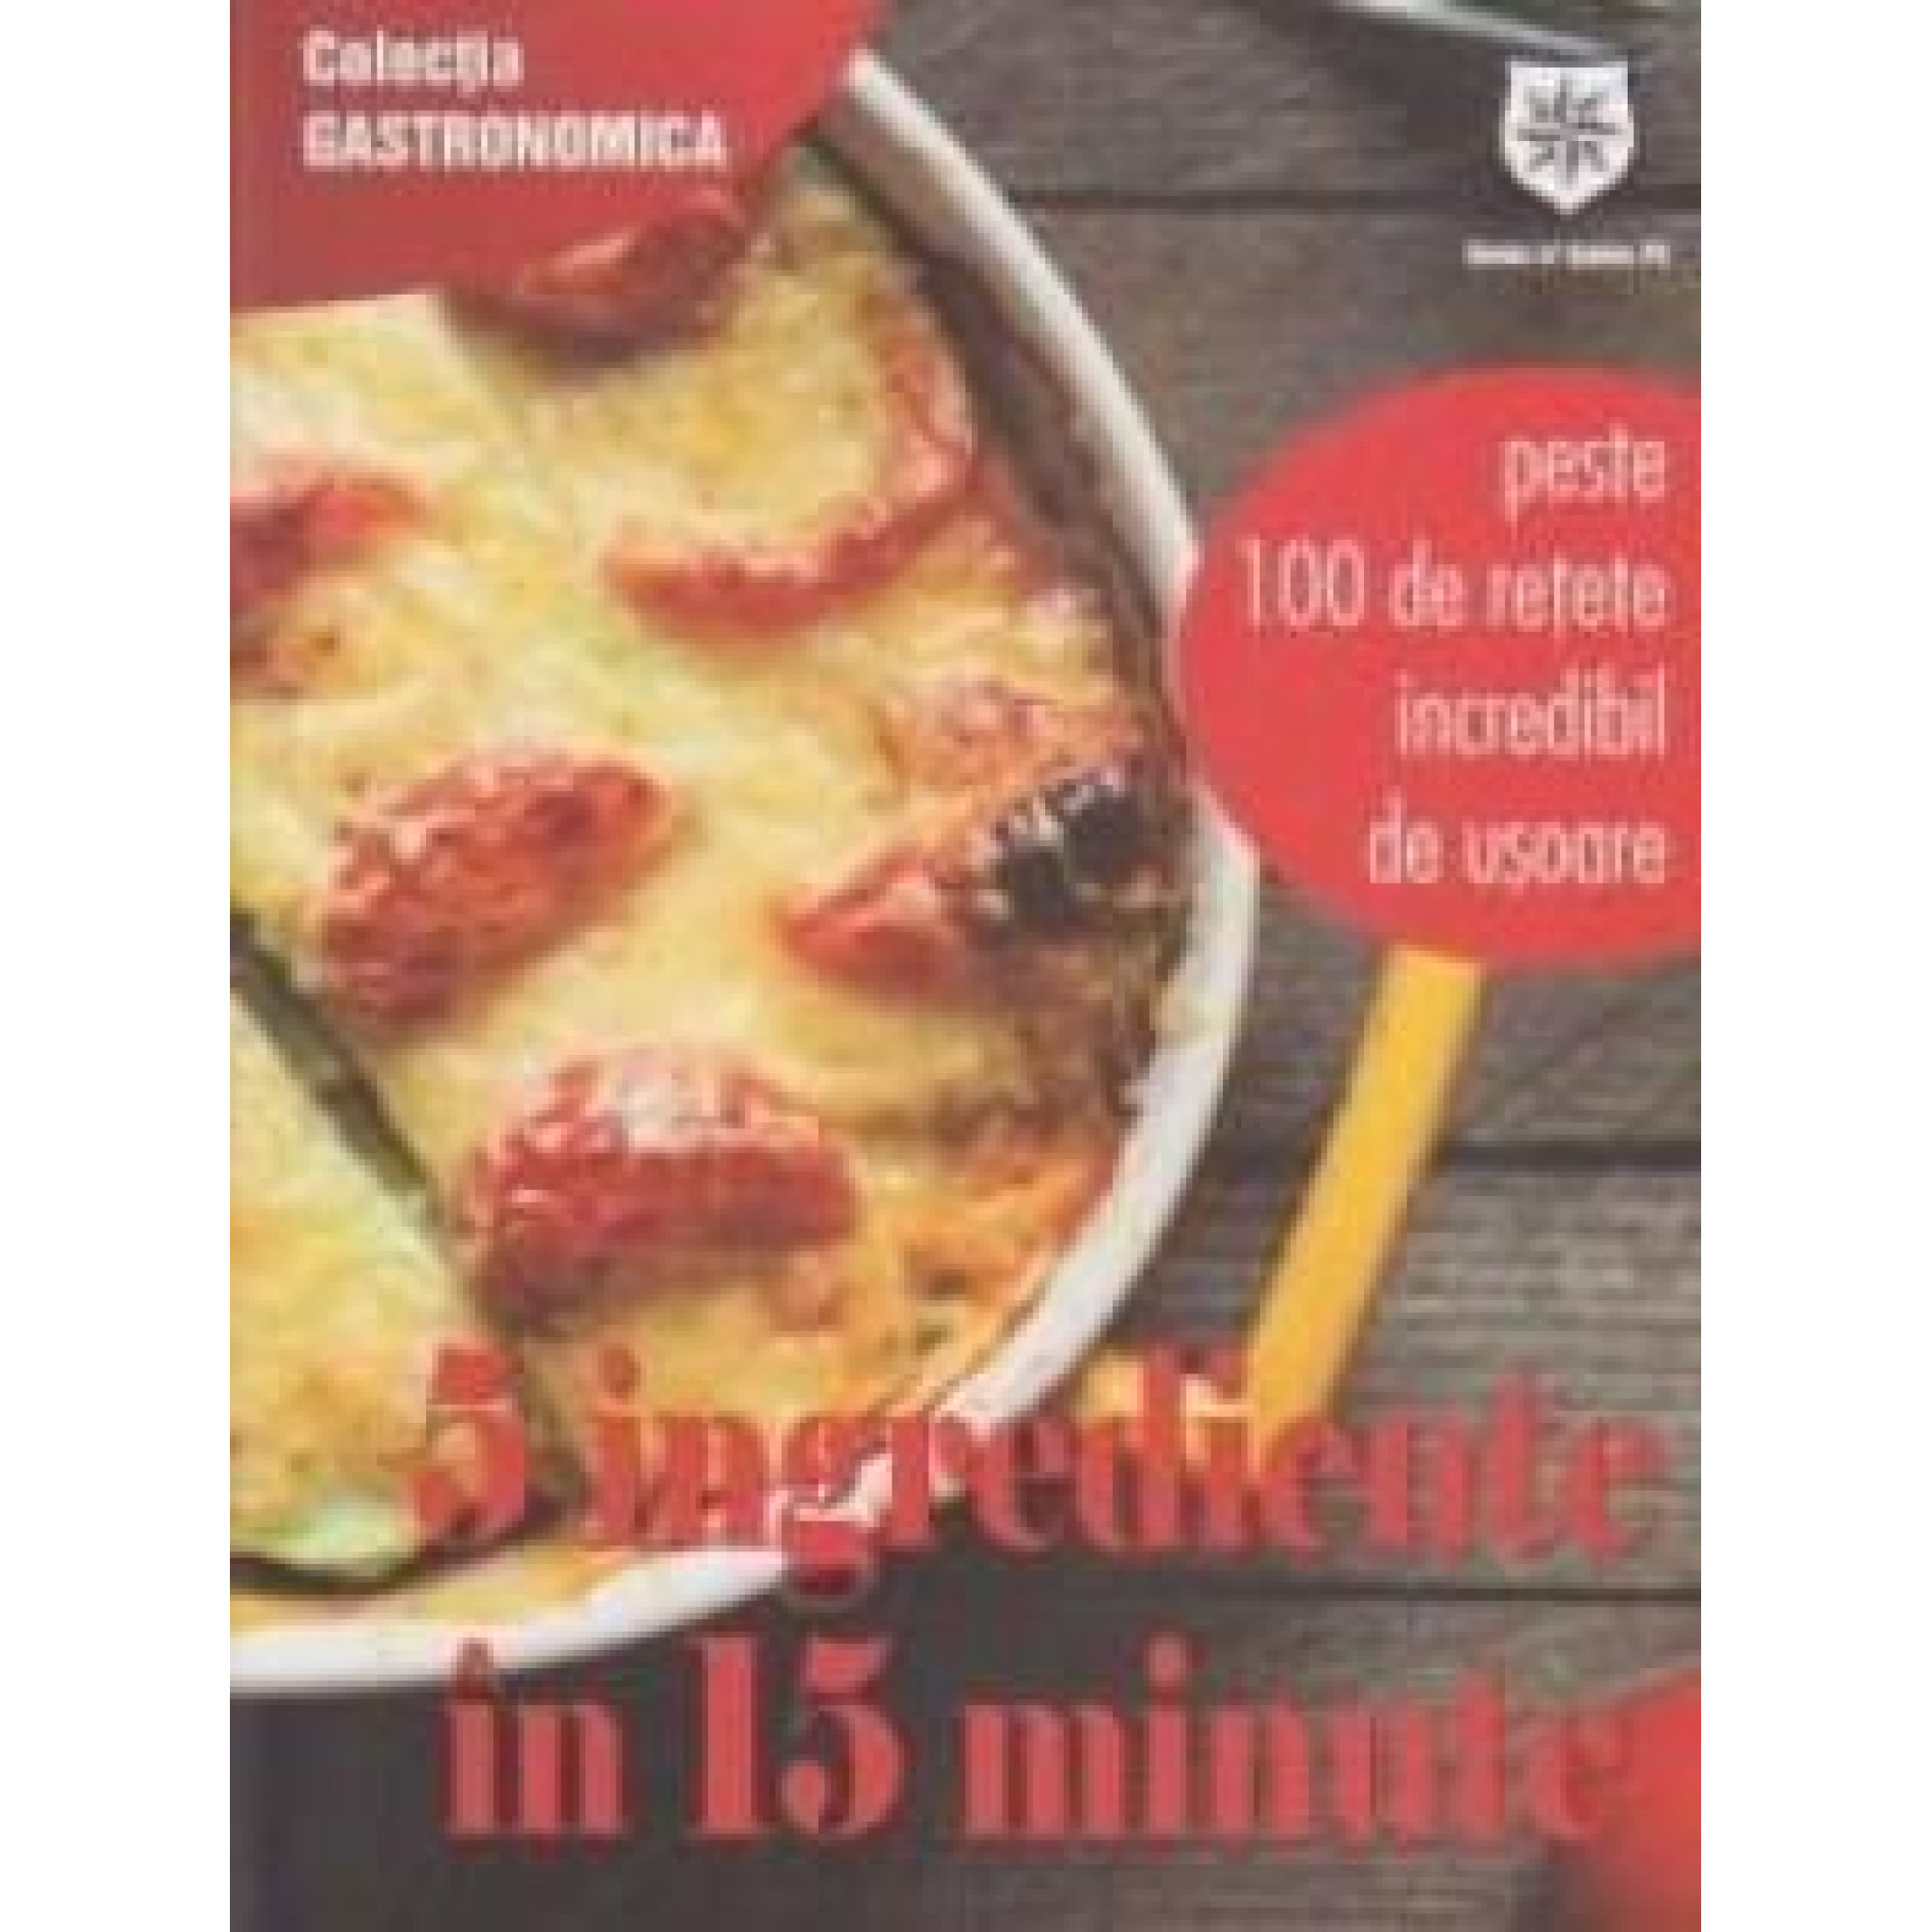 5 ingrediente în 15 minute. Peste 100 de rețete incredibil de ușoare; Daniel Voicea